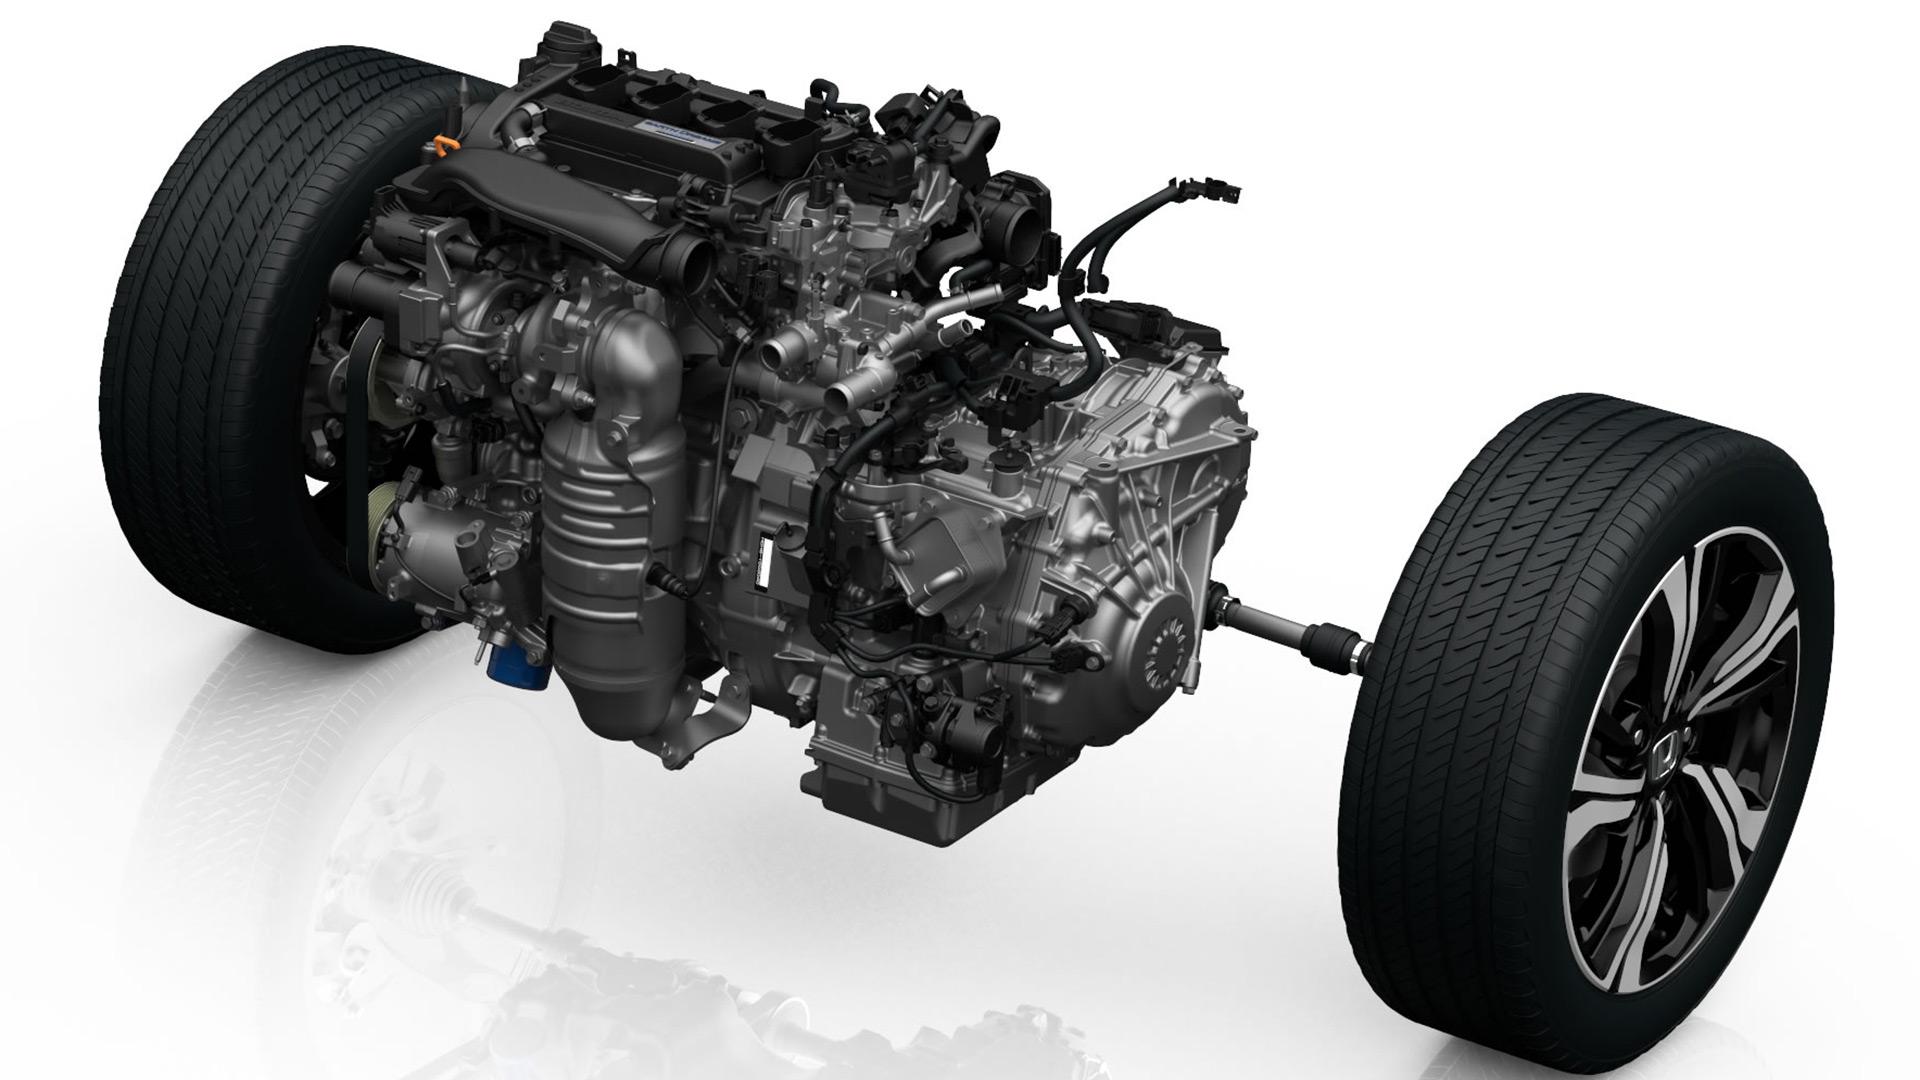 2017 Civic 1.5 Ltr Turbo Engine & CVT Powertrain